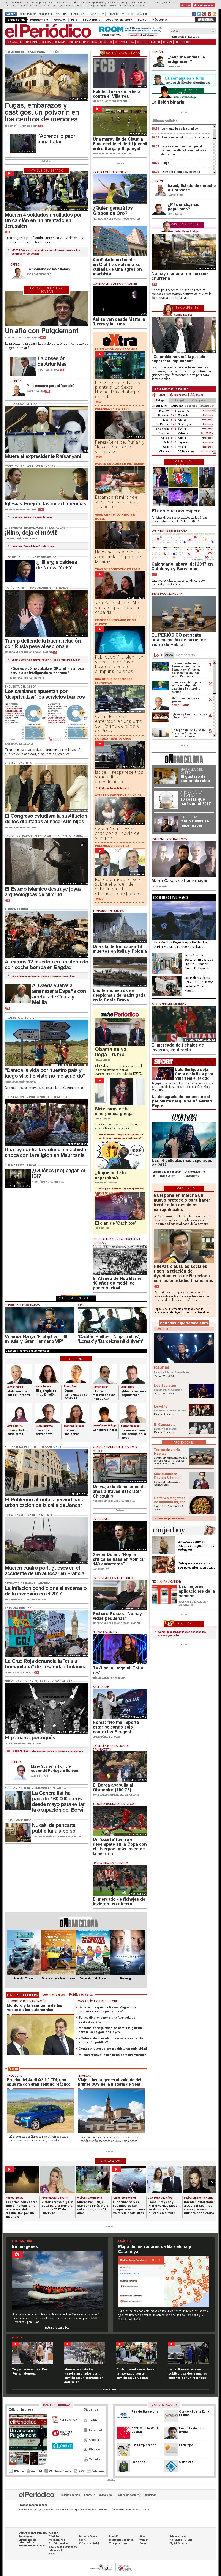 El Periodico at Sunday Jan. 8, 2017, 6:21 p.m. UTC